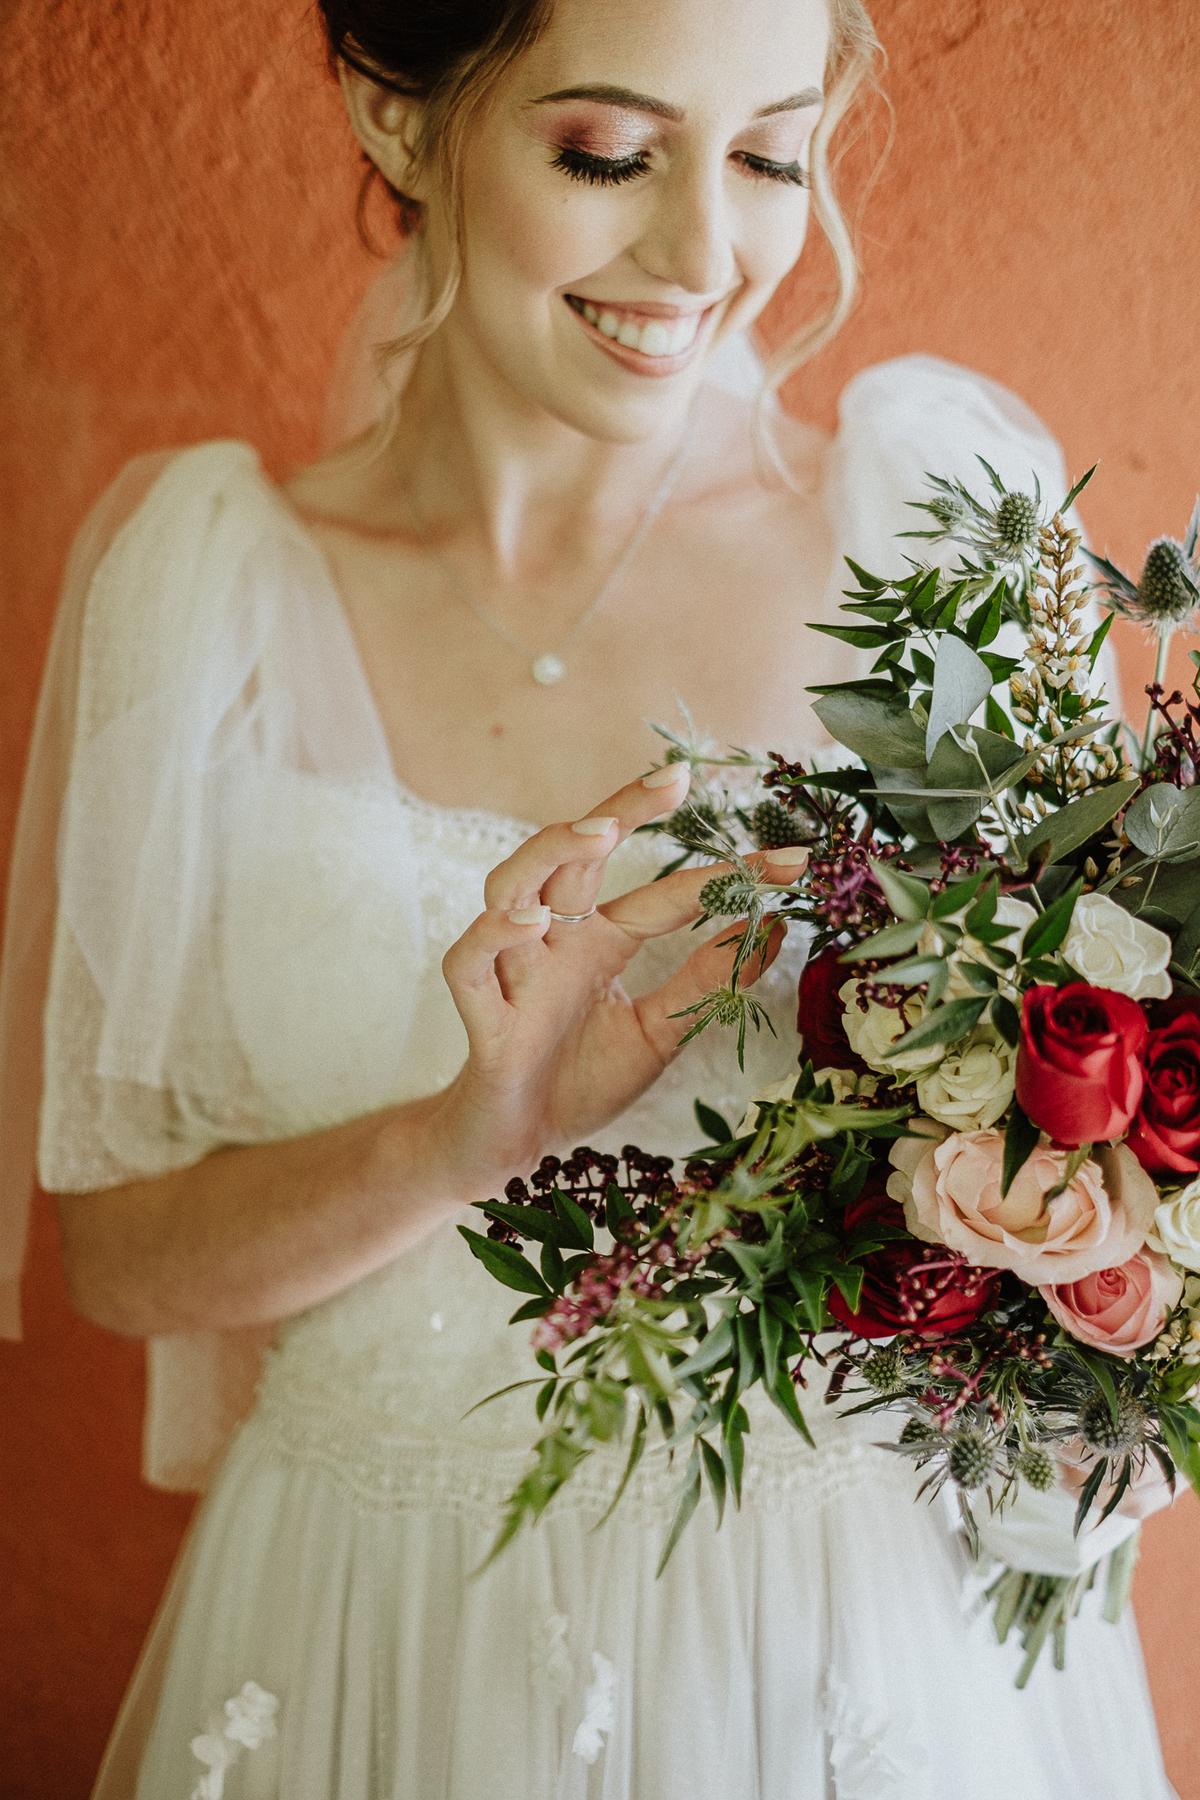 vestido de noiva casamentos de dia no campo em mairipora fotografoa de casamento casamentos de dia elopement buque de noiva